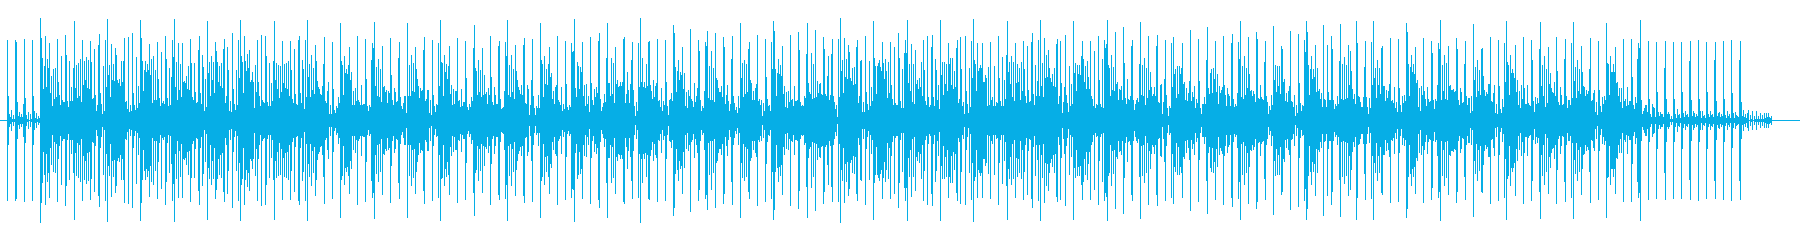 神秘的でミステリアスなシンセサウンドの再生済みの波形